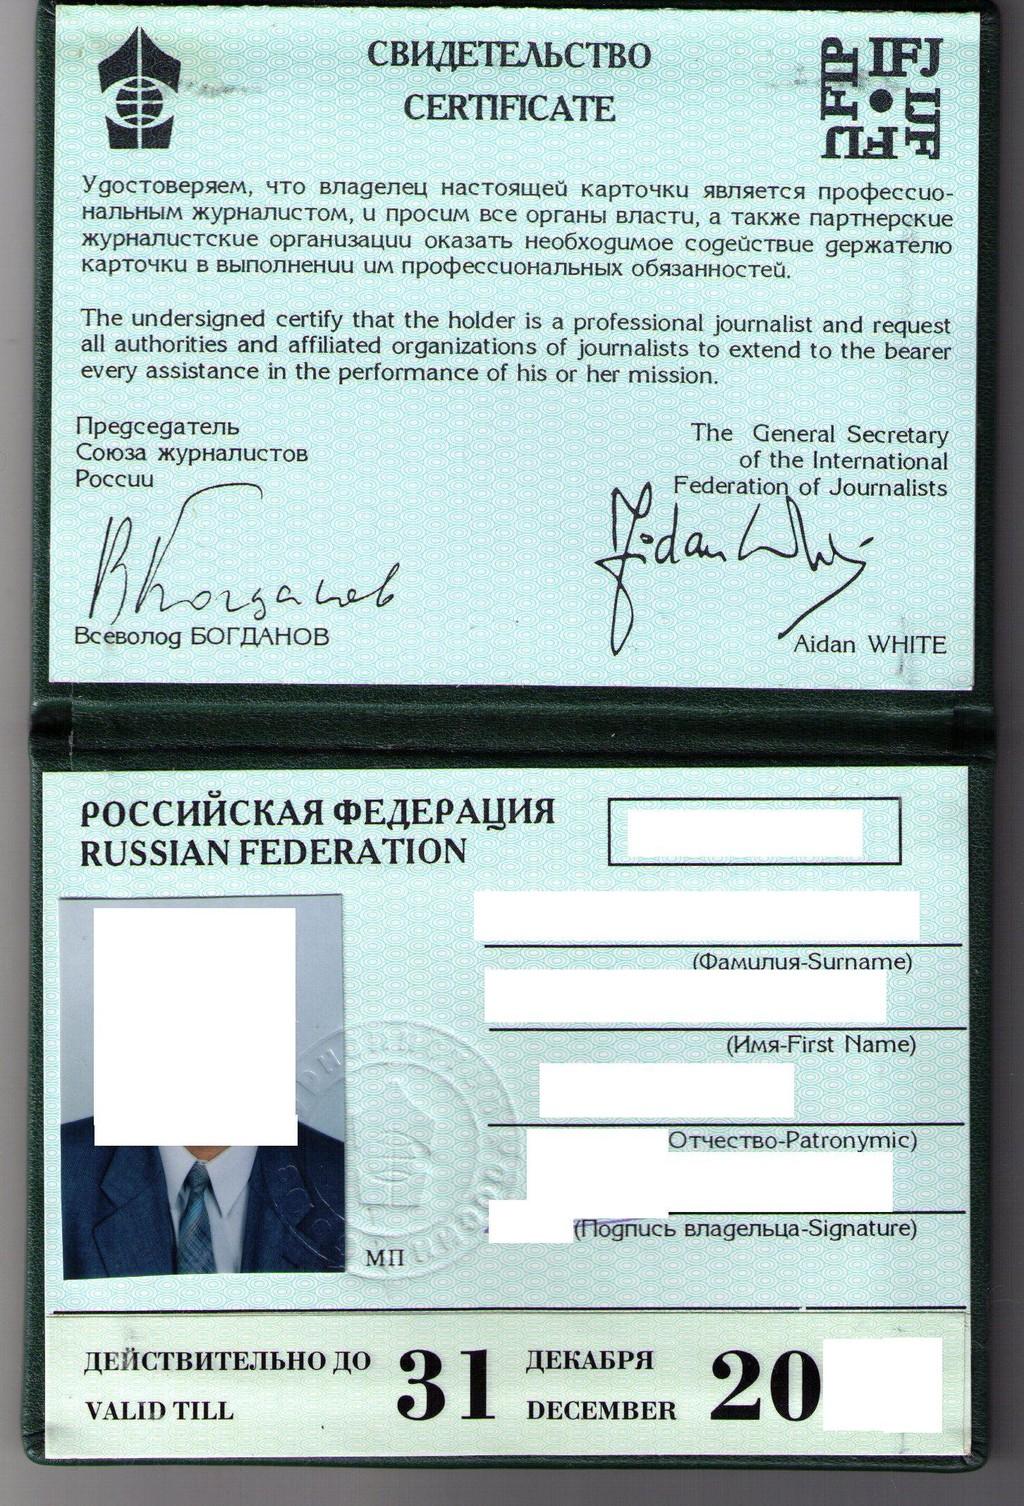 Удостоверение союза журналистов